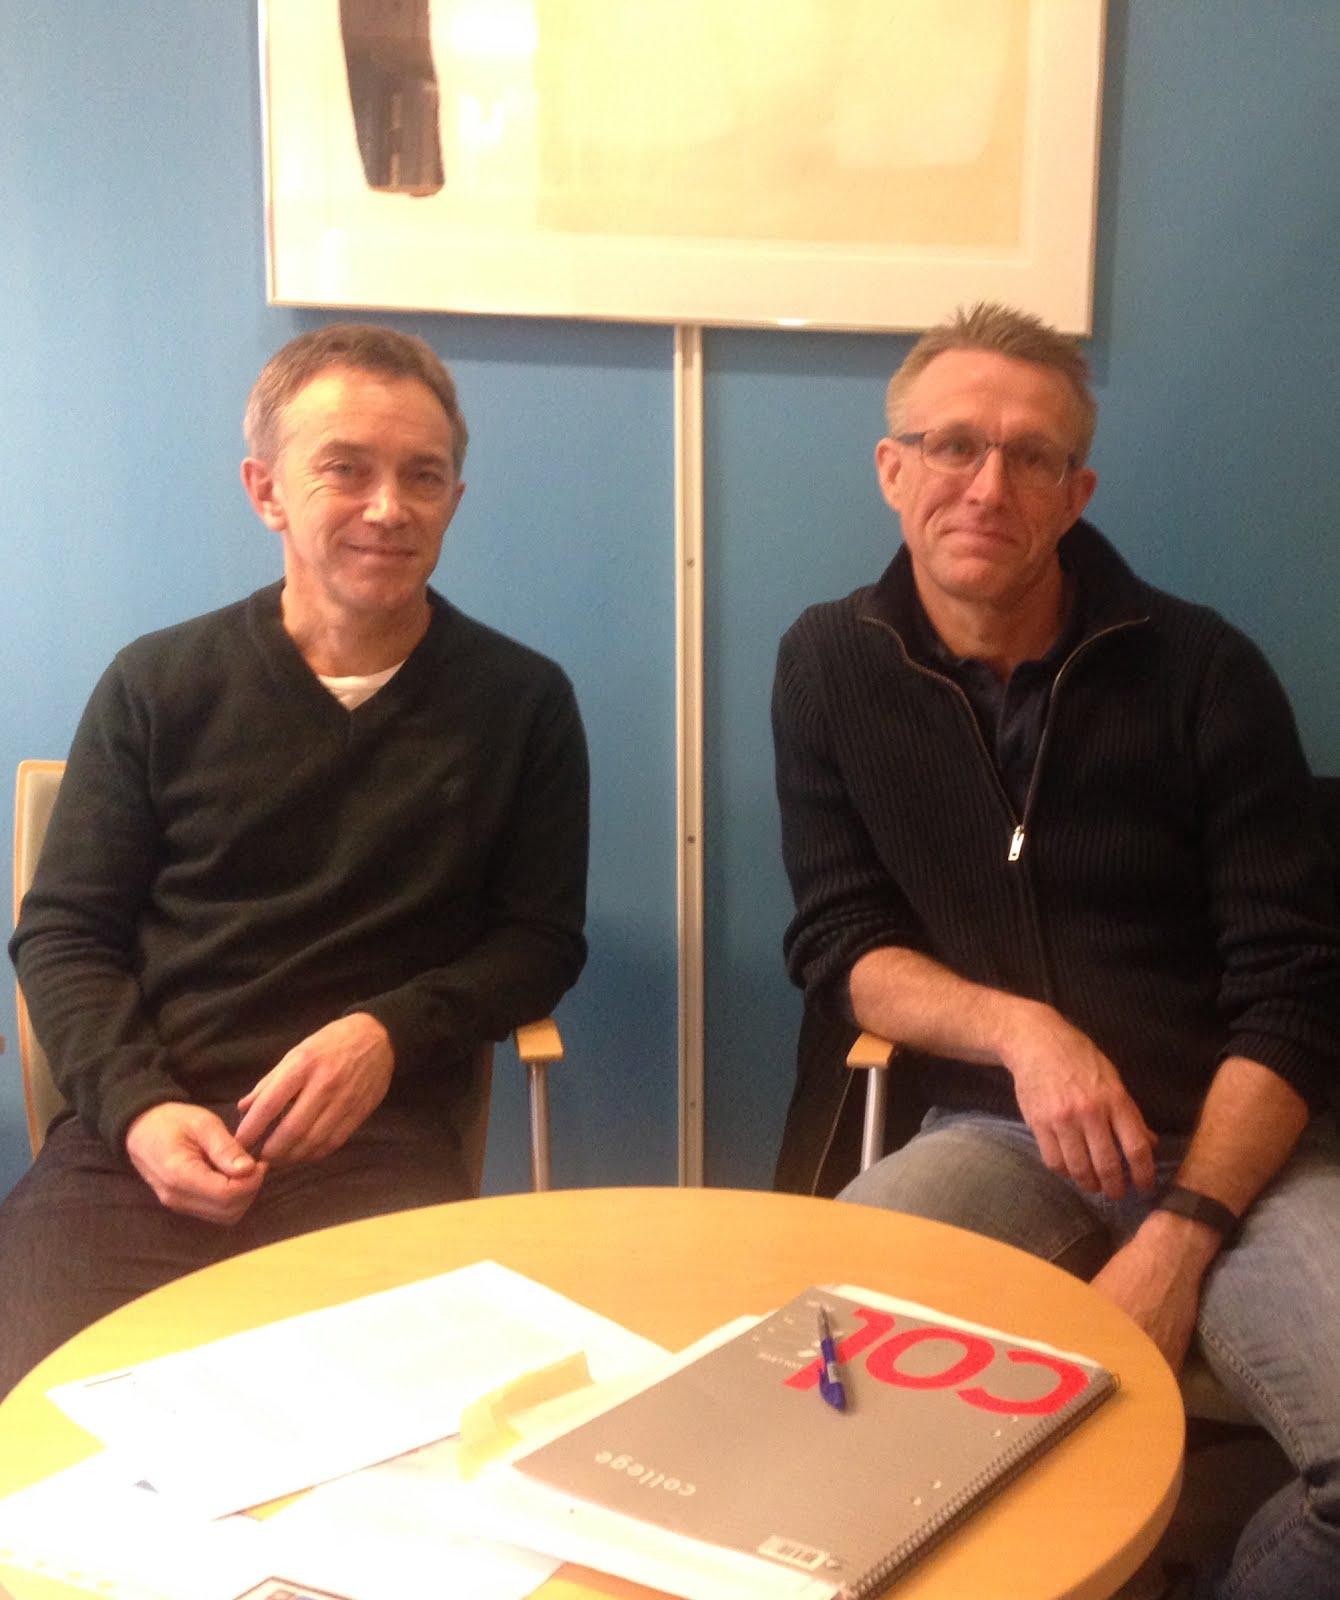 Möte med Sveriges bästa hjärnforskare Torkel Klingberg